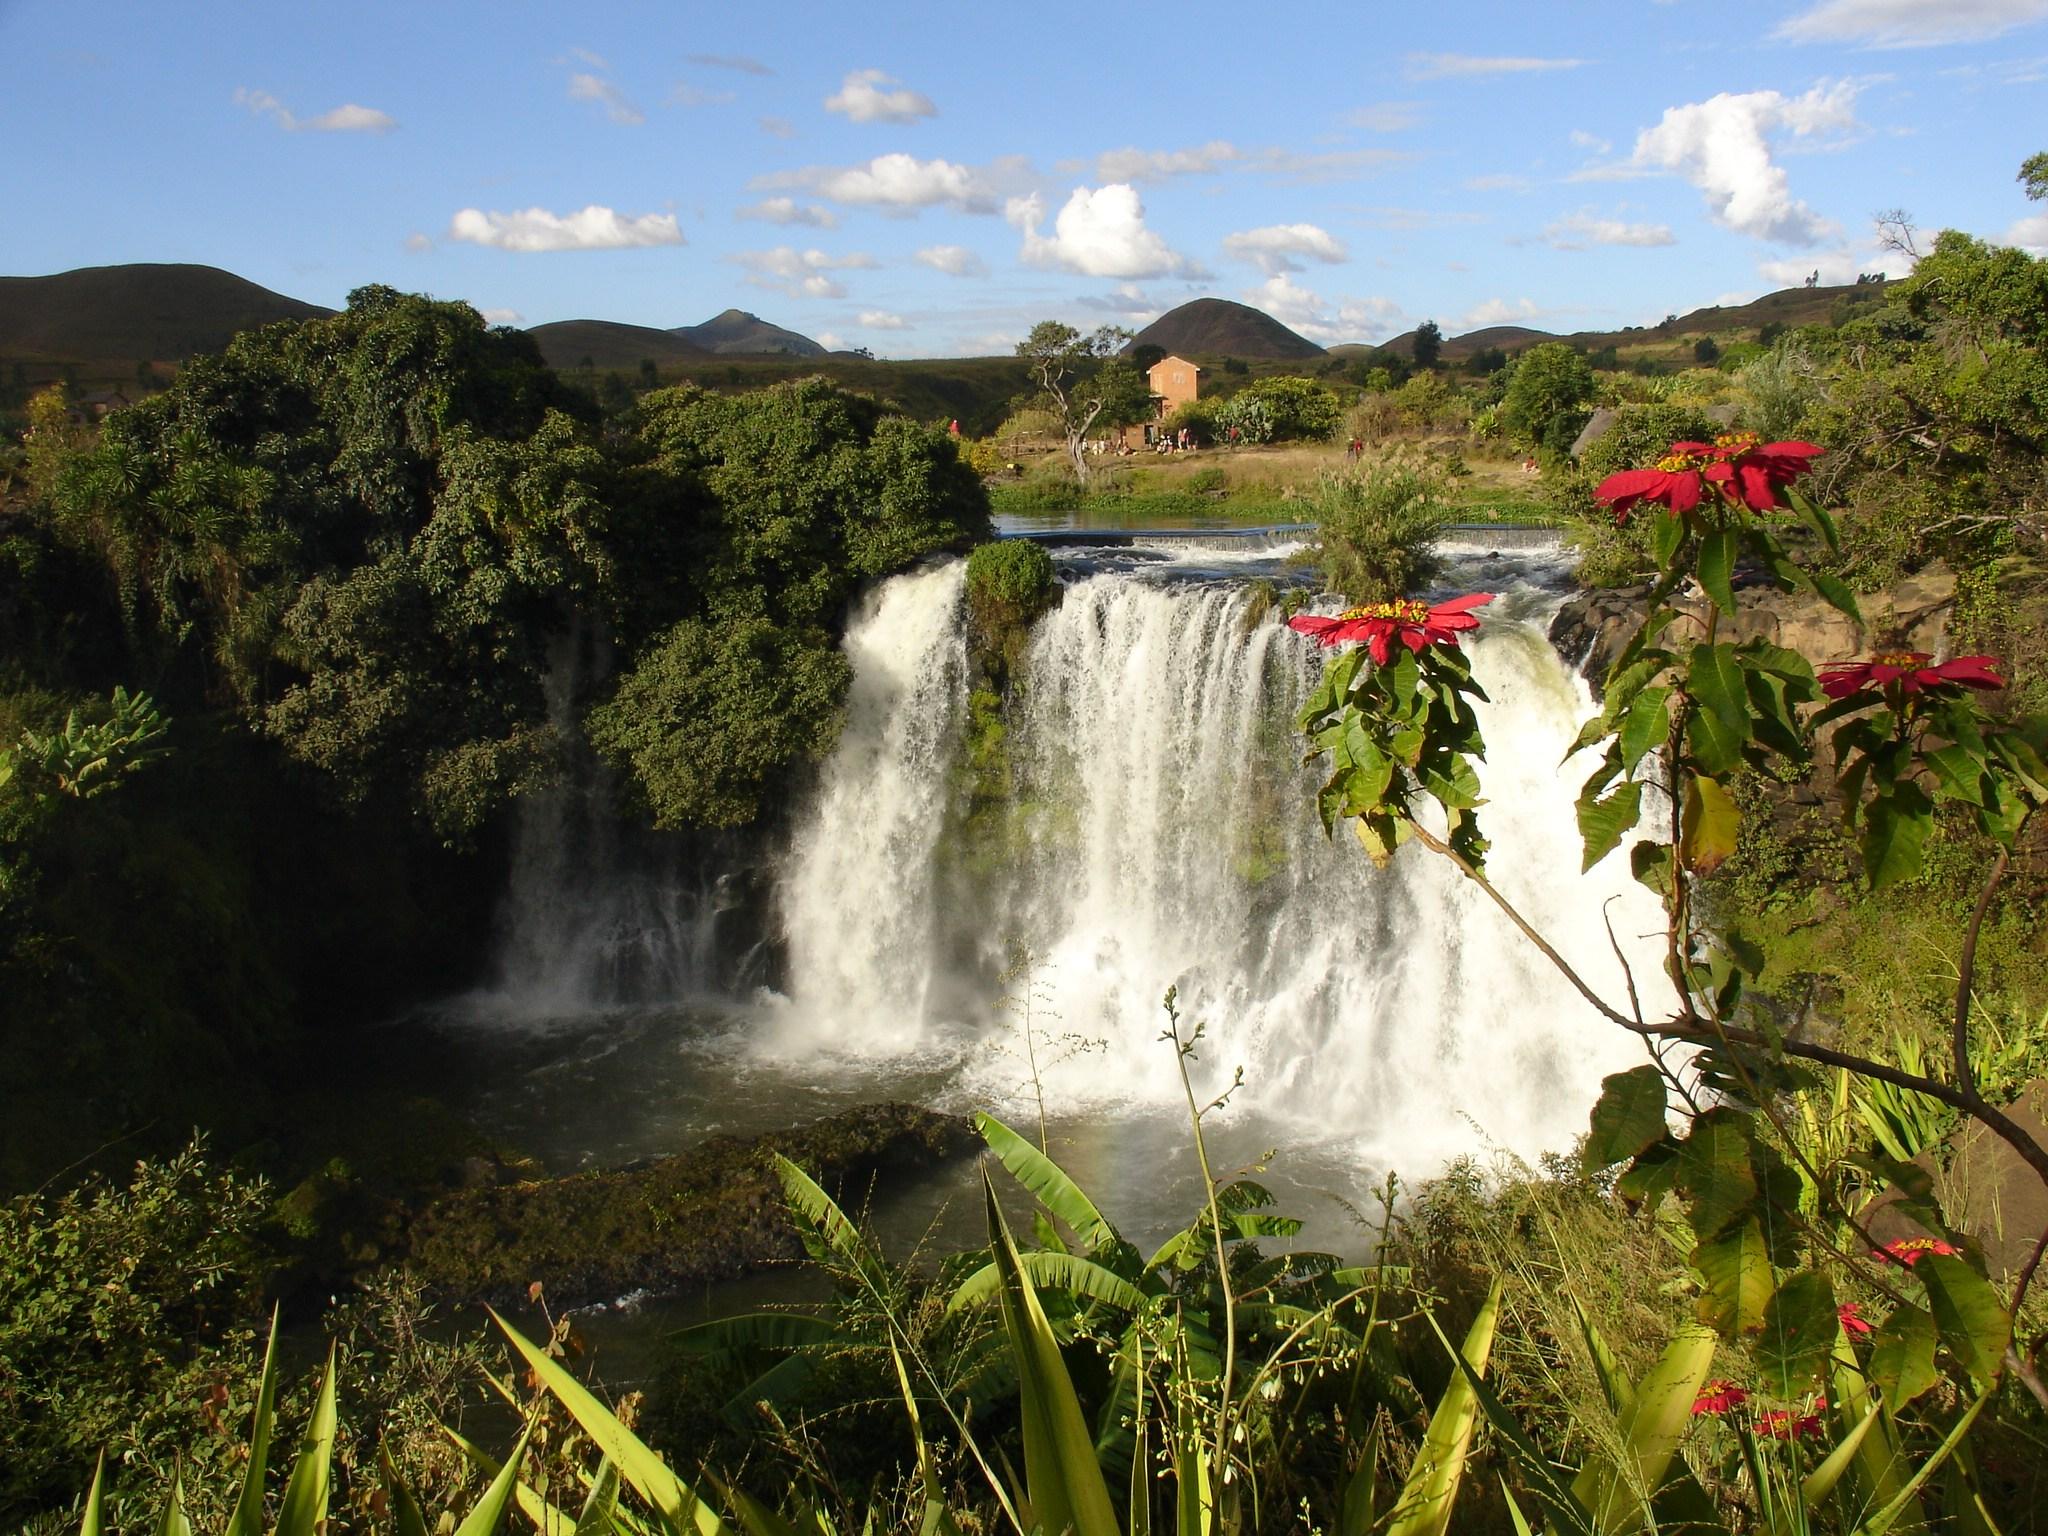 Chute de la Lilly, Madagascar